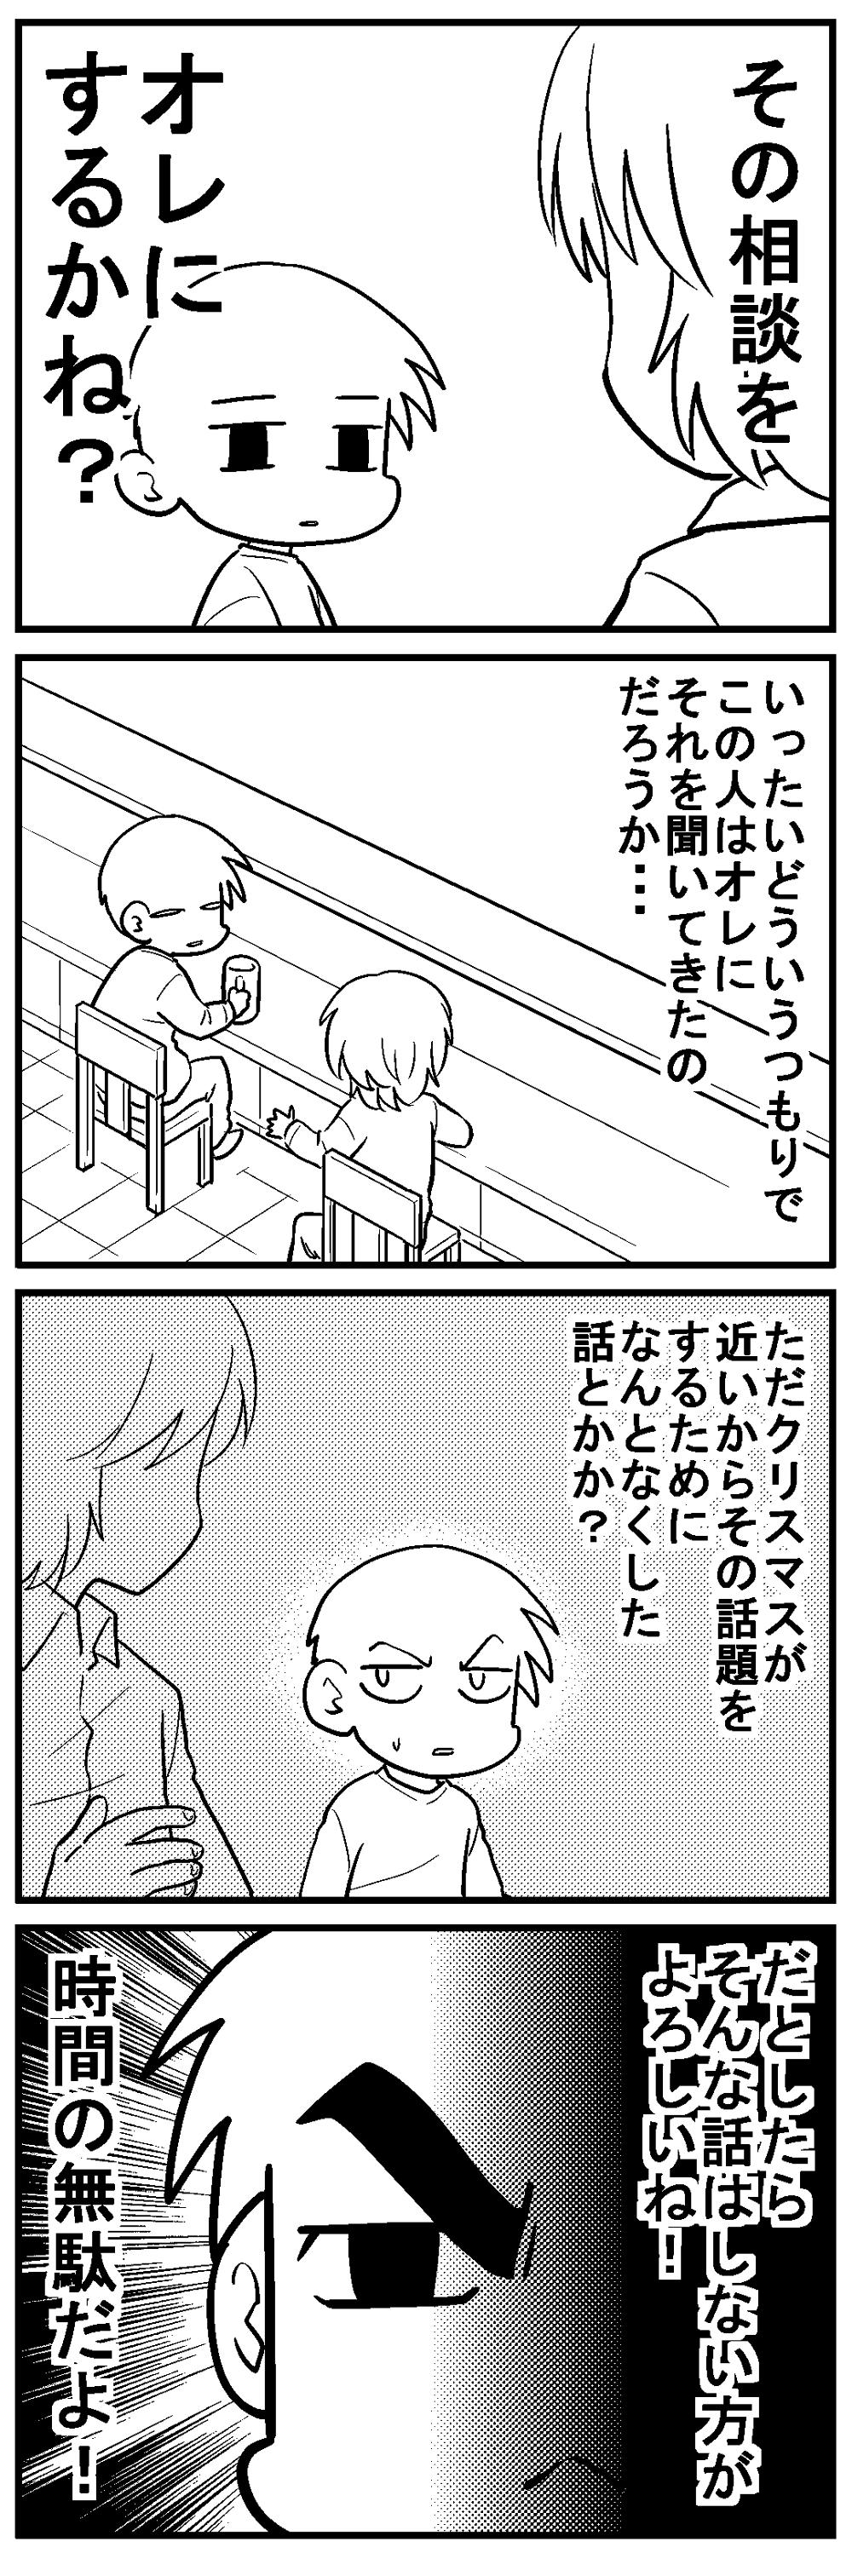 深読みくんクリスマス1-2